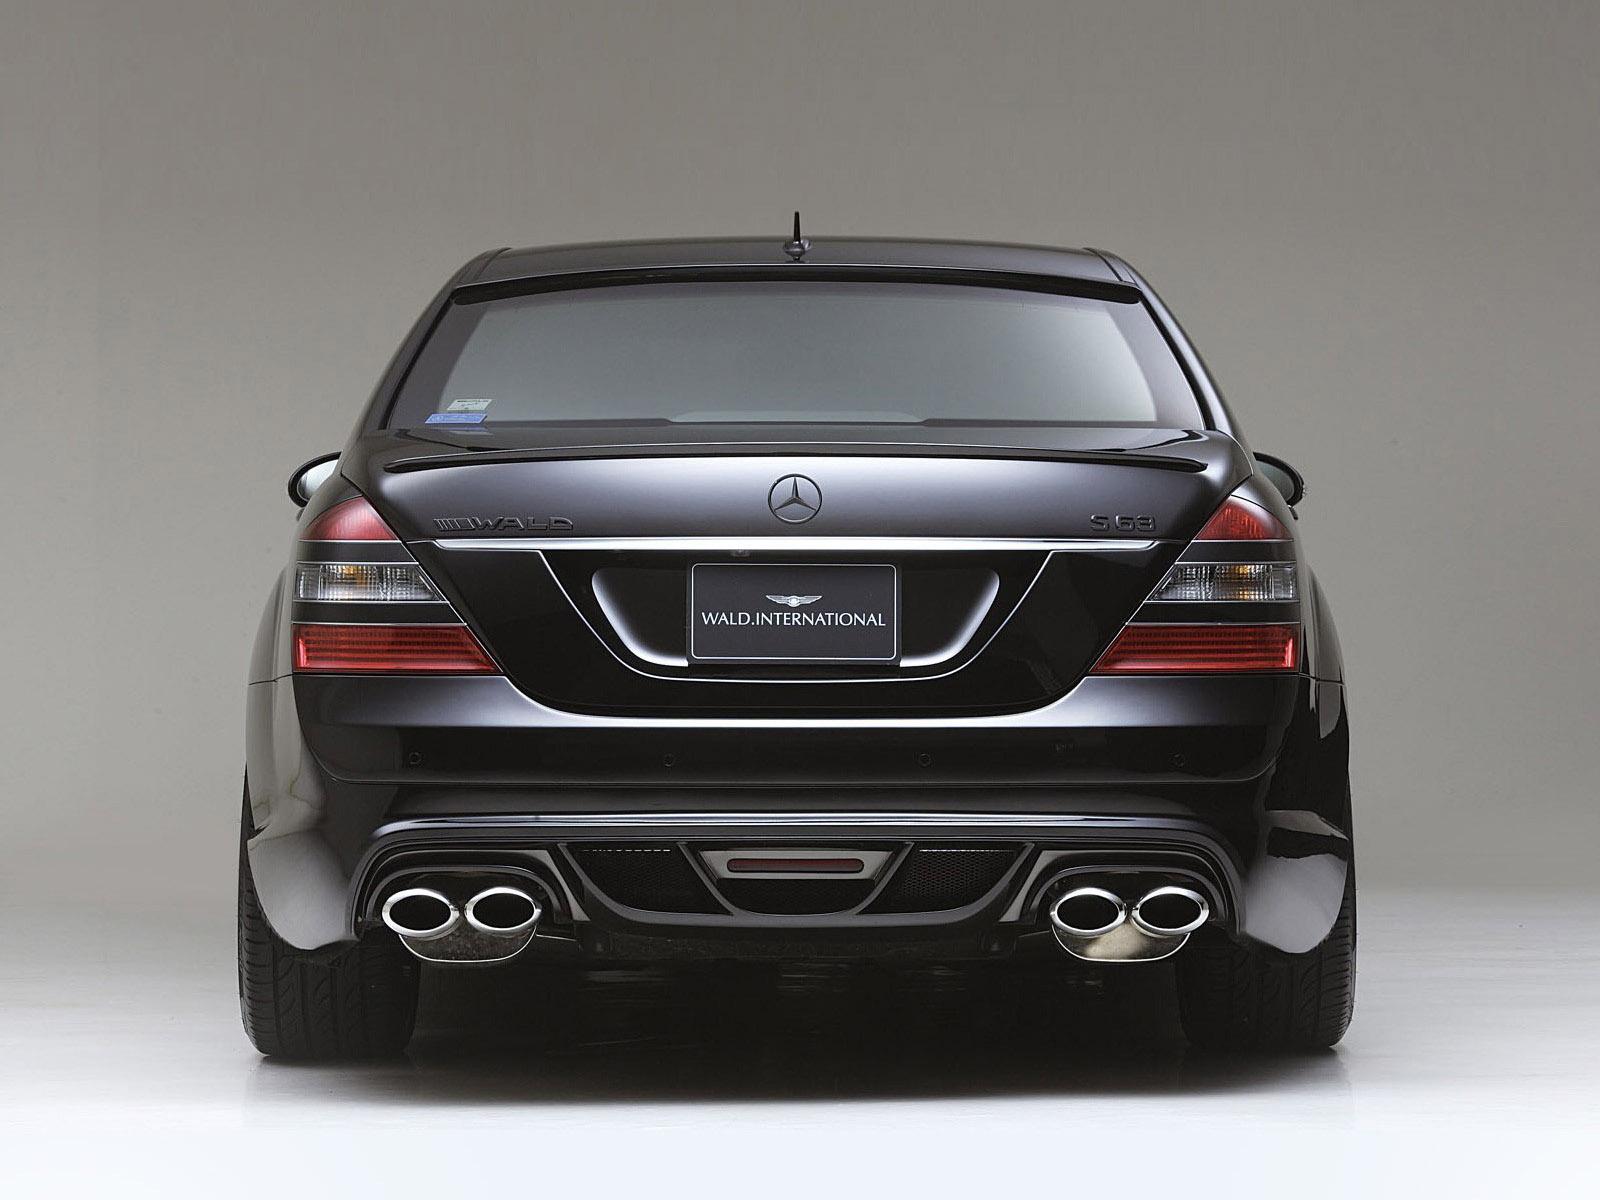 16 Luxury Pubg Wallpaper Iphone 6: Wallpaper : Mercedes Benz, Mercedes Benz S Class, Sedan